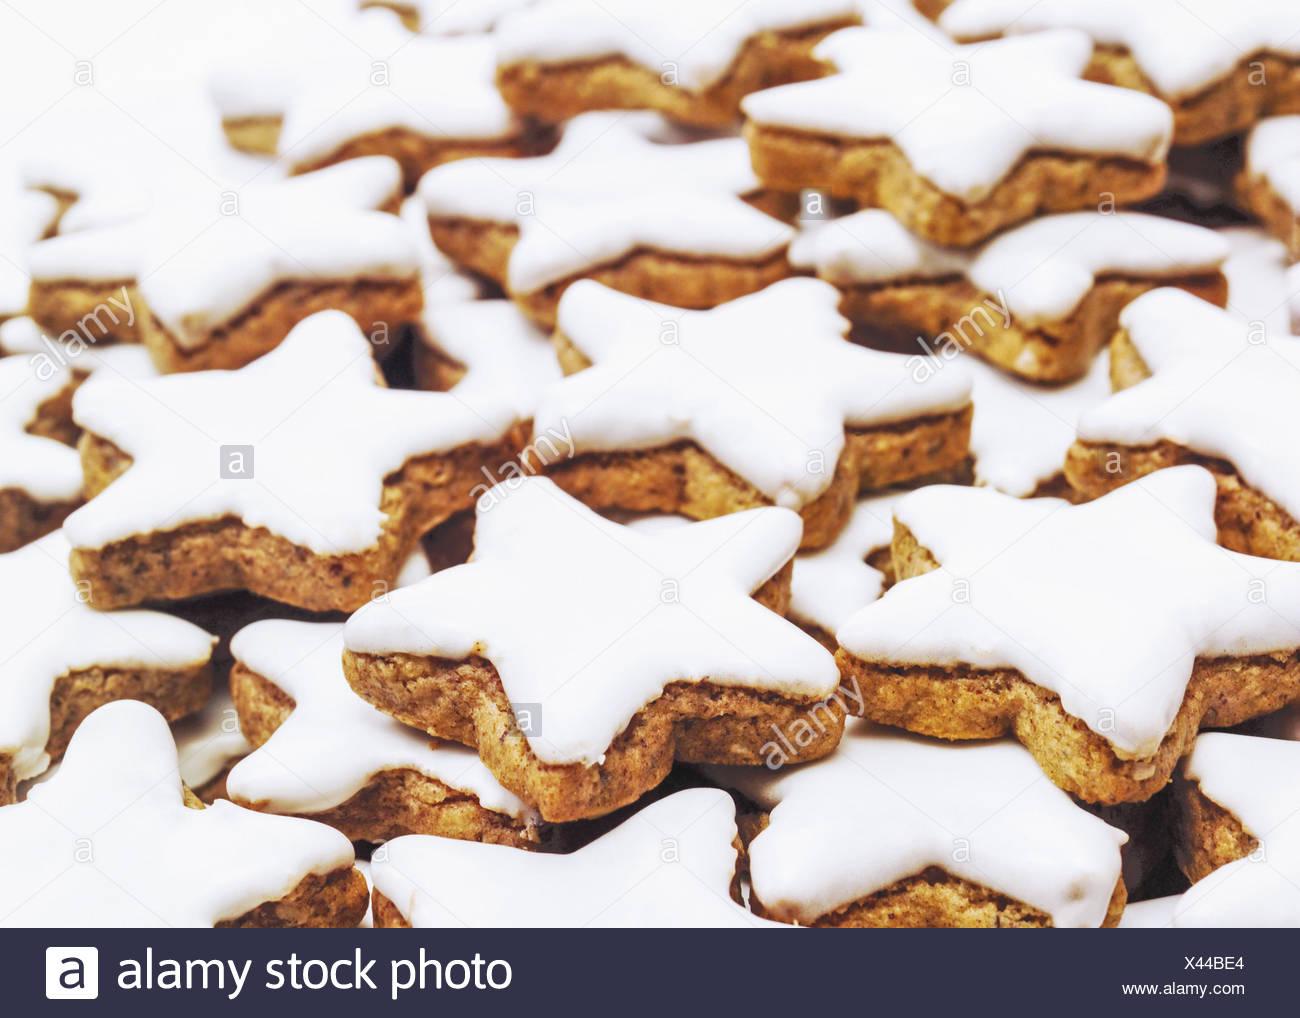 Weihnachtsgebäck Zimtsterne.Weihnachtsgebaeck Zimtsterne Stock Photos Weihnachtsgebaeck